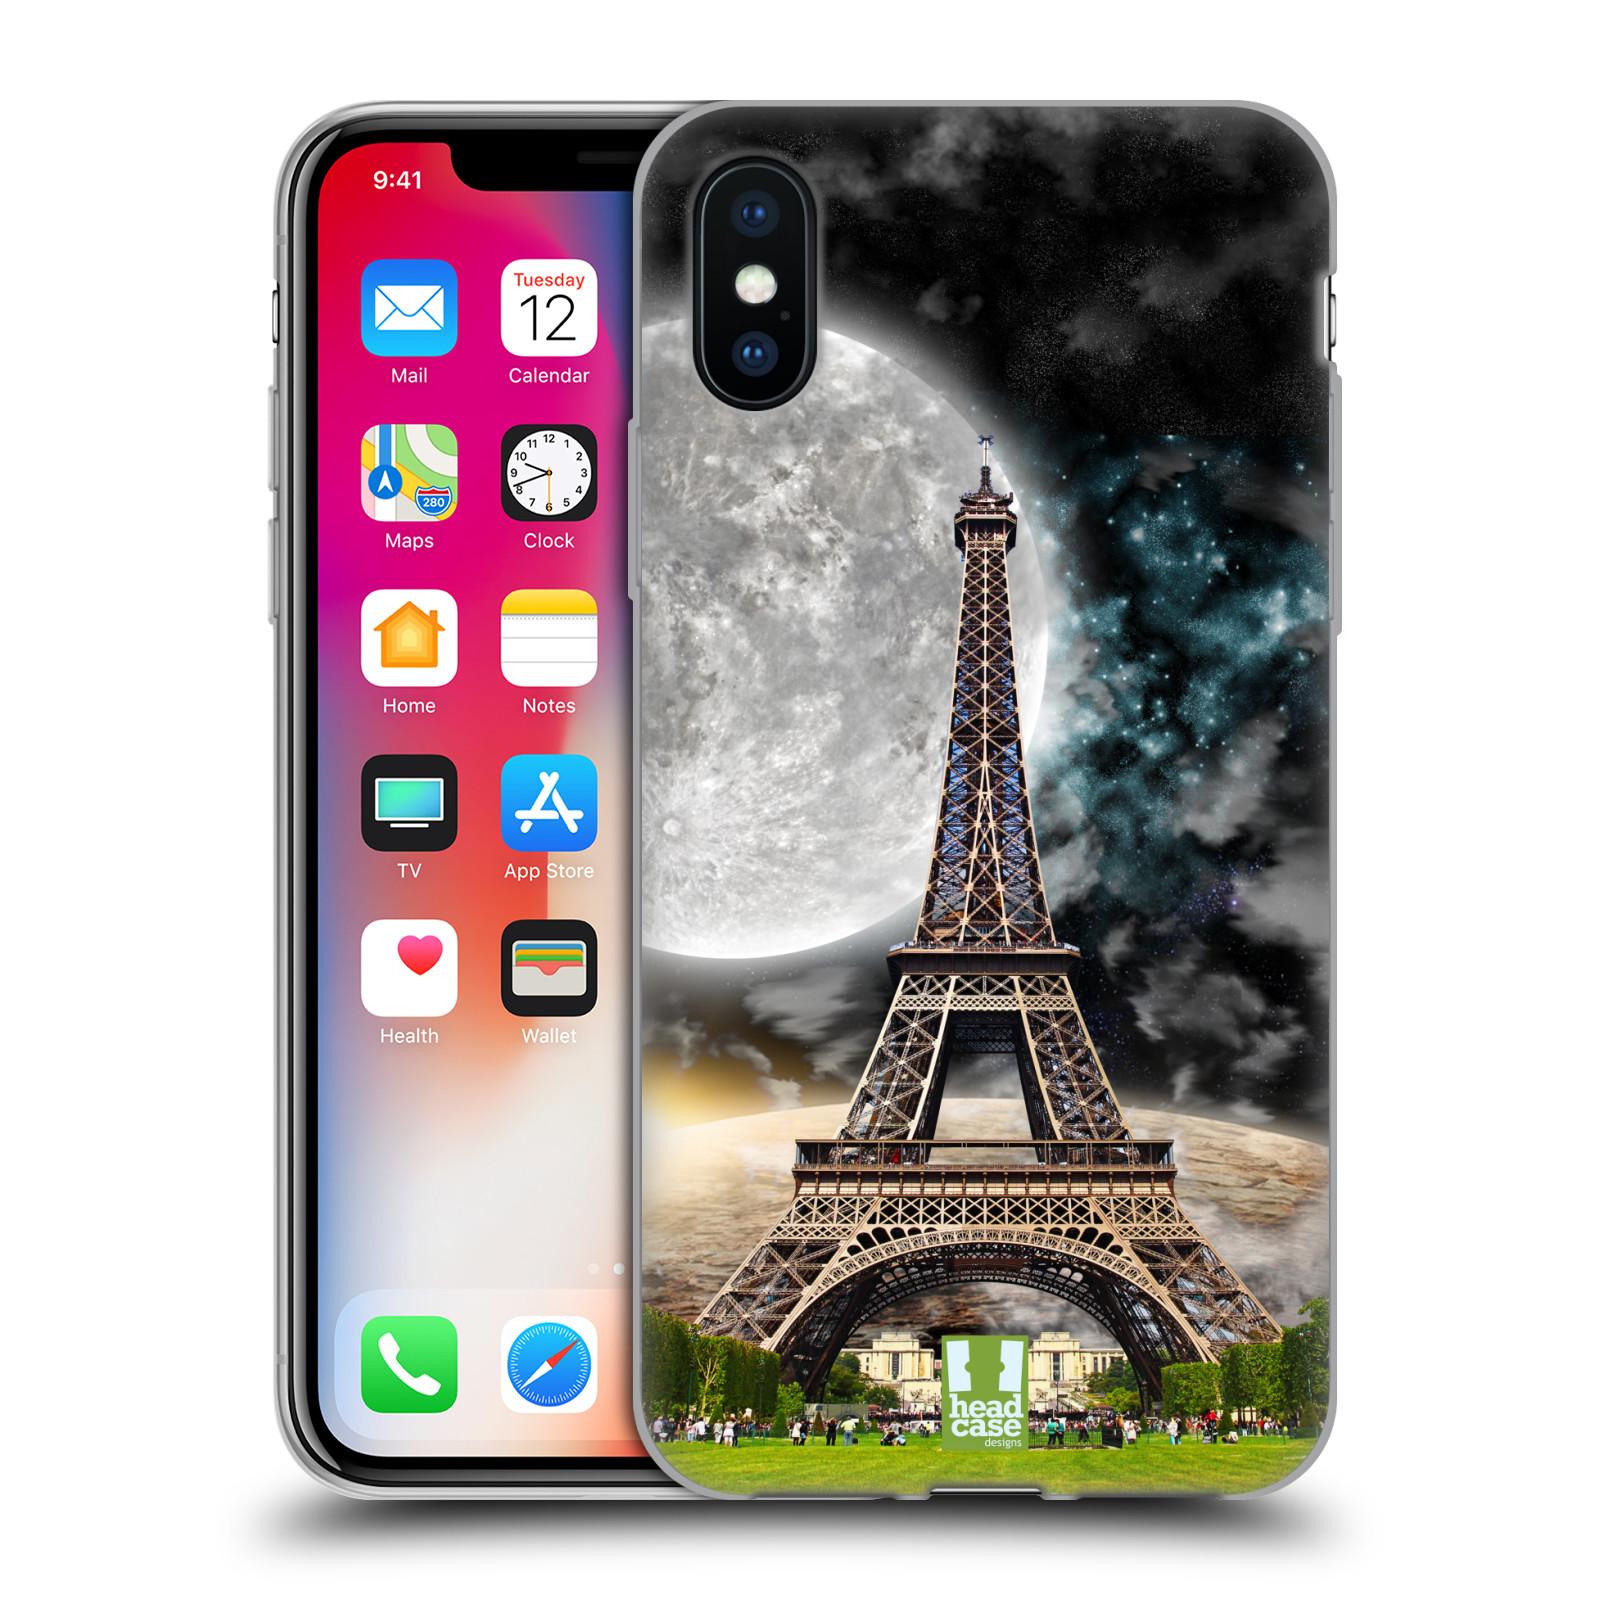 Silikonové pouzdro na mobil Apple iPhone XS - Head Case - Měsíční aifelovka